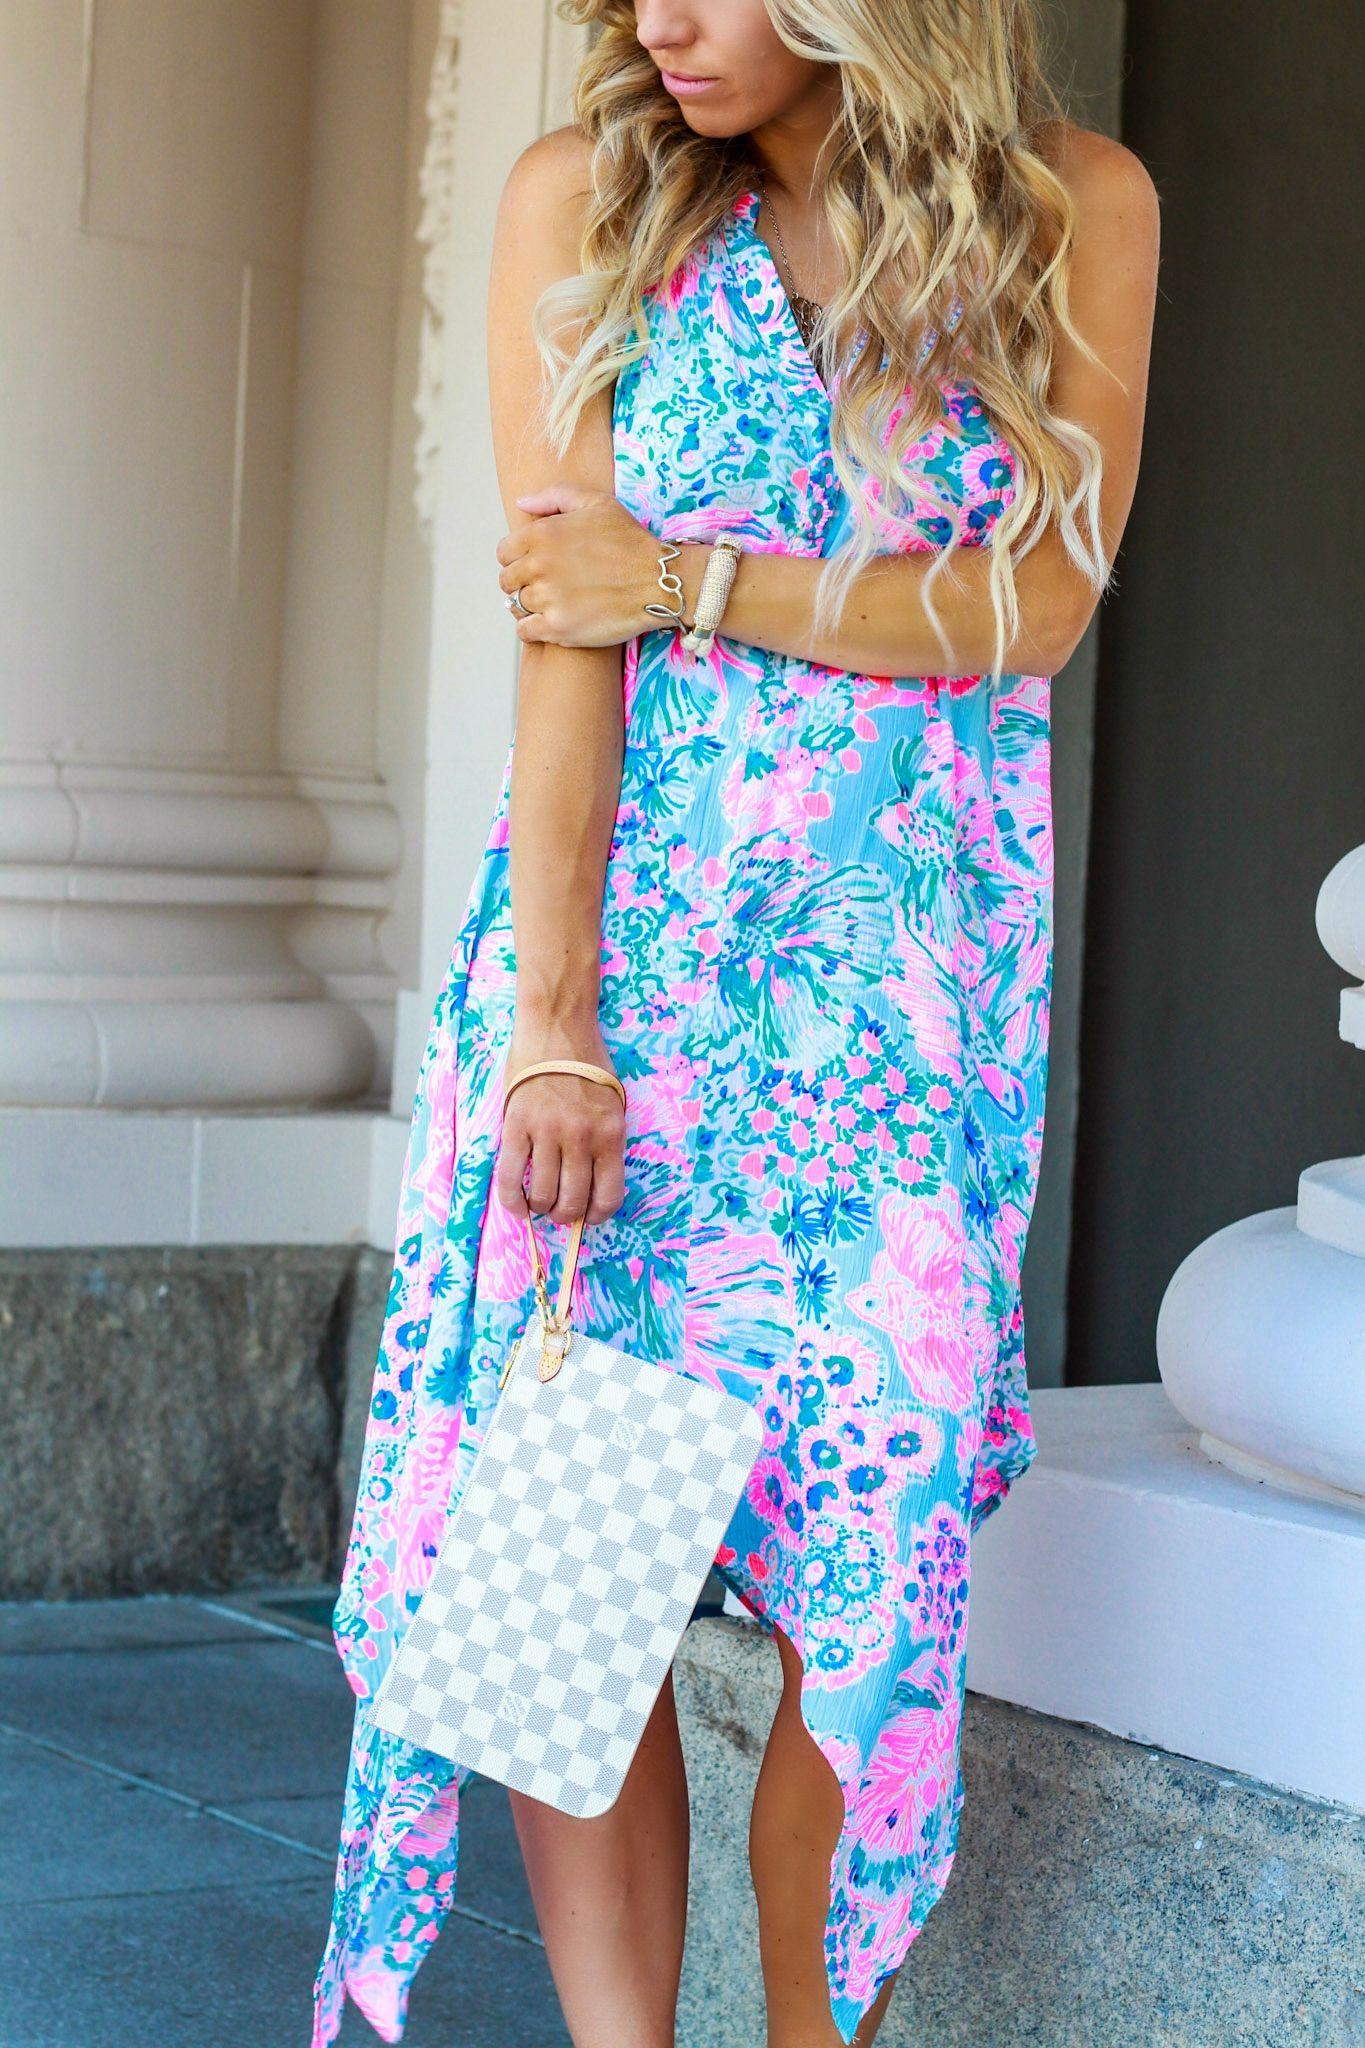 Cool Summer Look | Louis vuitton clutch, Beach dresses and Summer ...